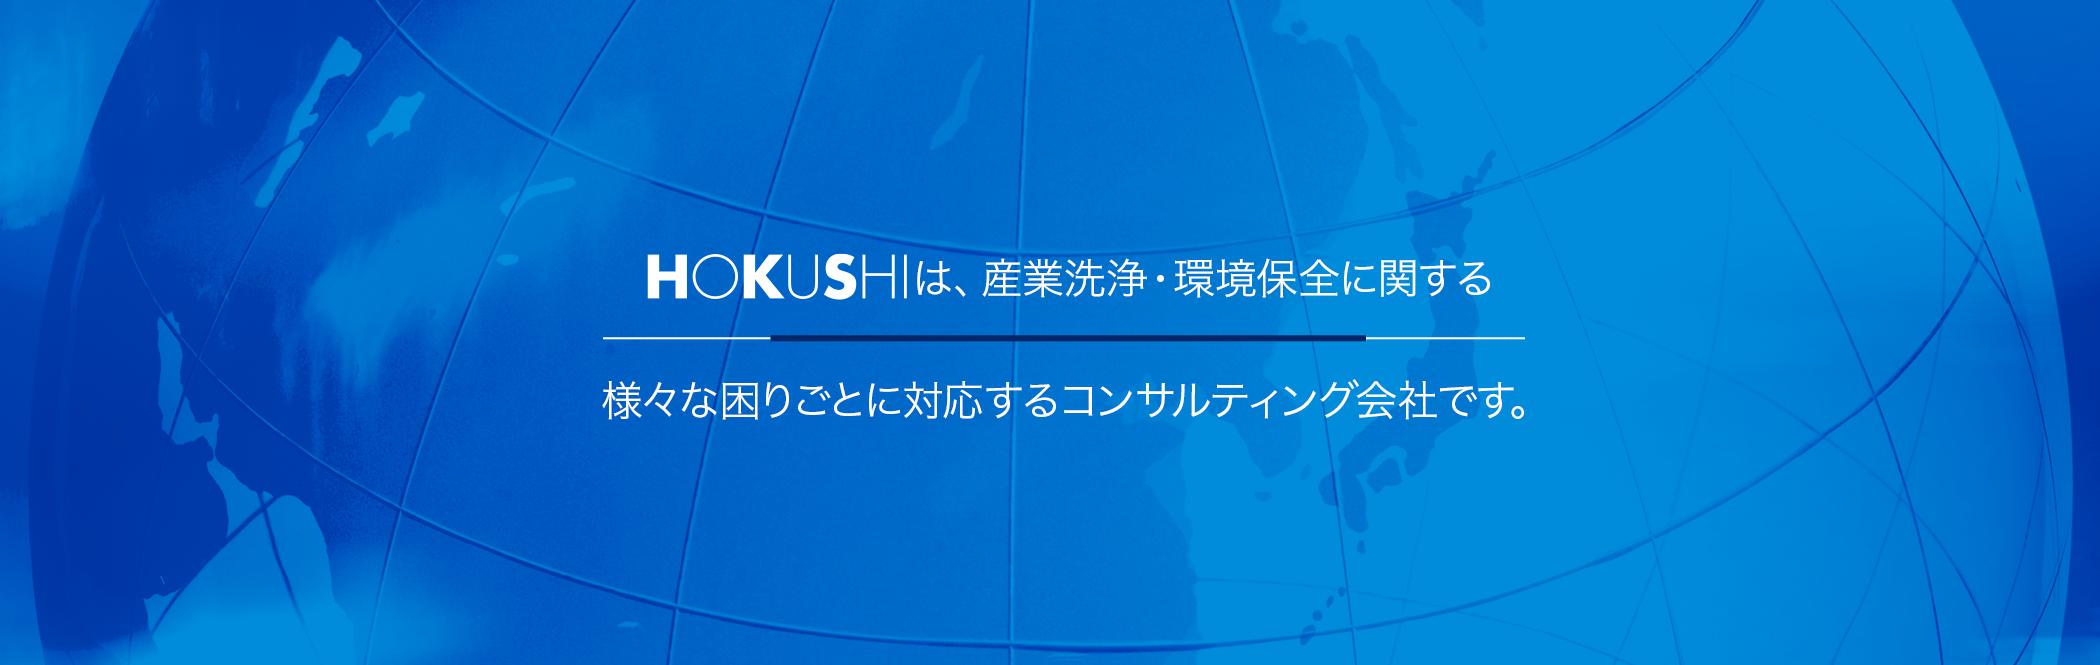 HOKUSHIは、 産業洗浄・環境保全に関する様々な困りごとに 対応するコンサルティング会社です。